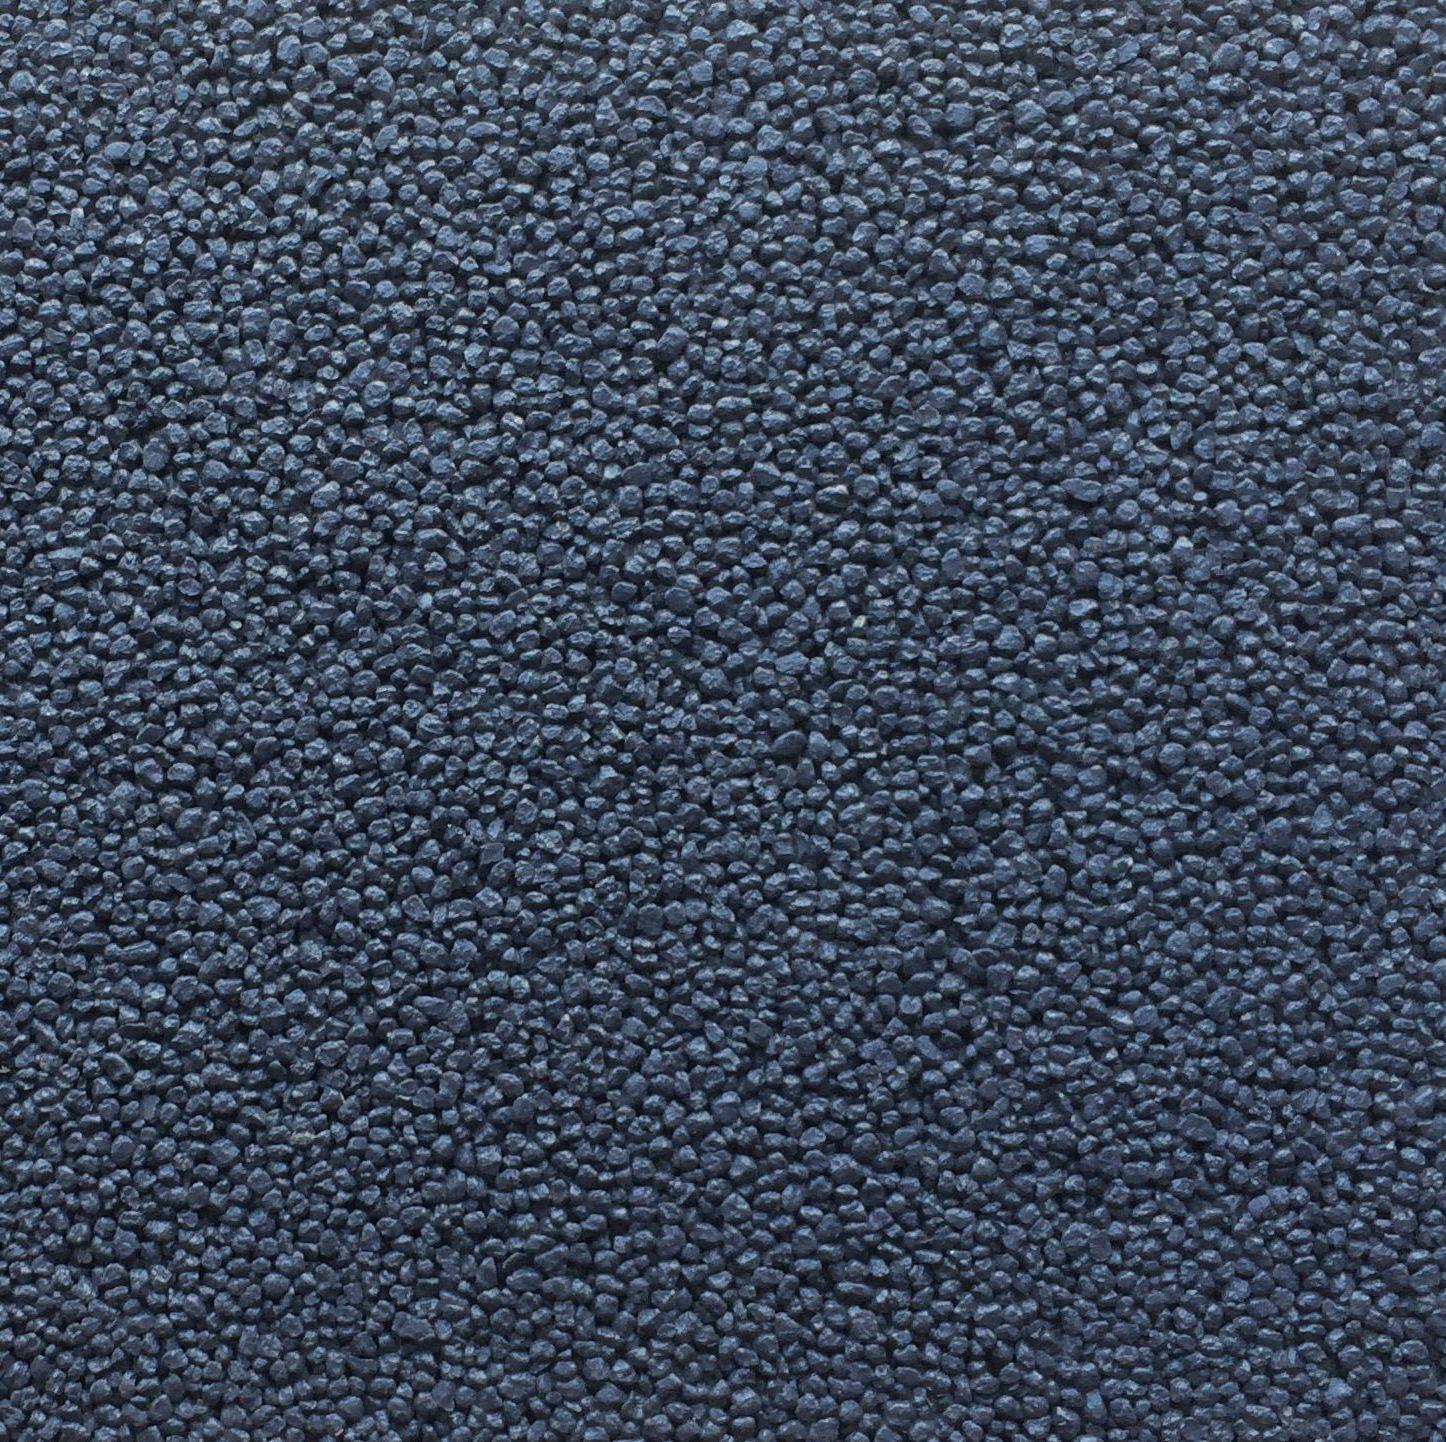 20kg buntsteinputz mosaikputz sop1 anthrazit hergestellt. Black Bedroom Furniture Sets. Home Design Ideas